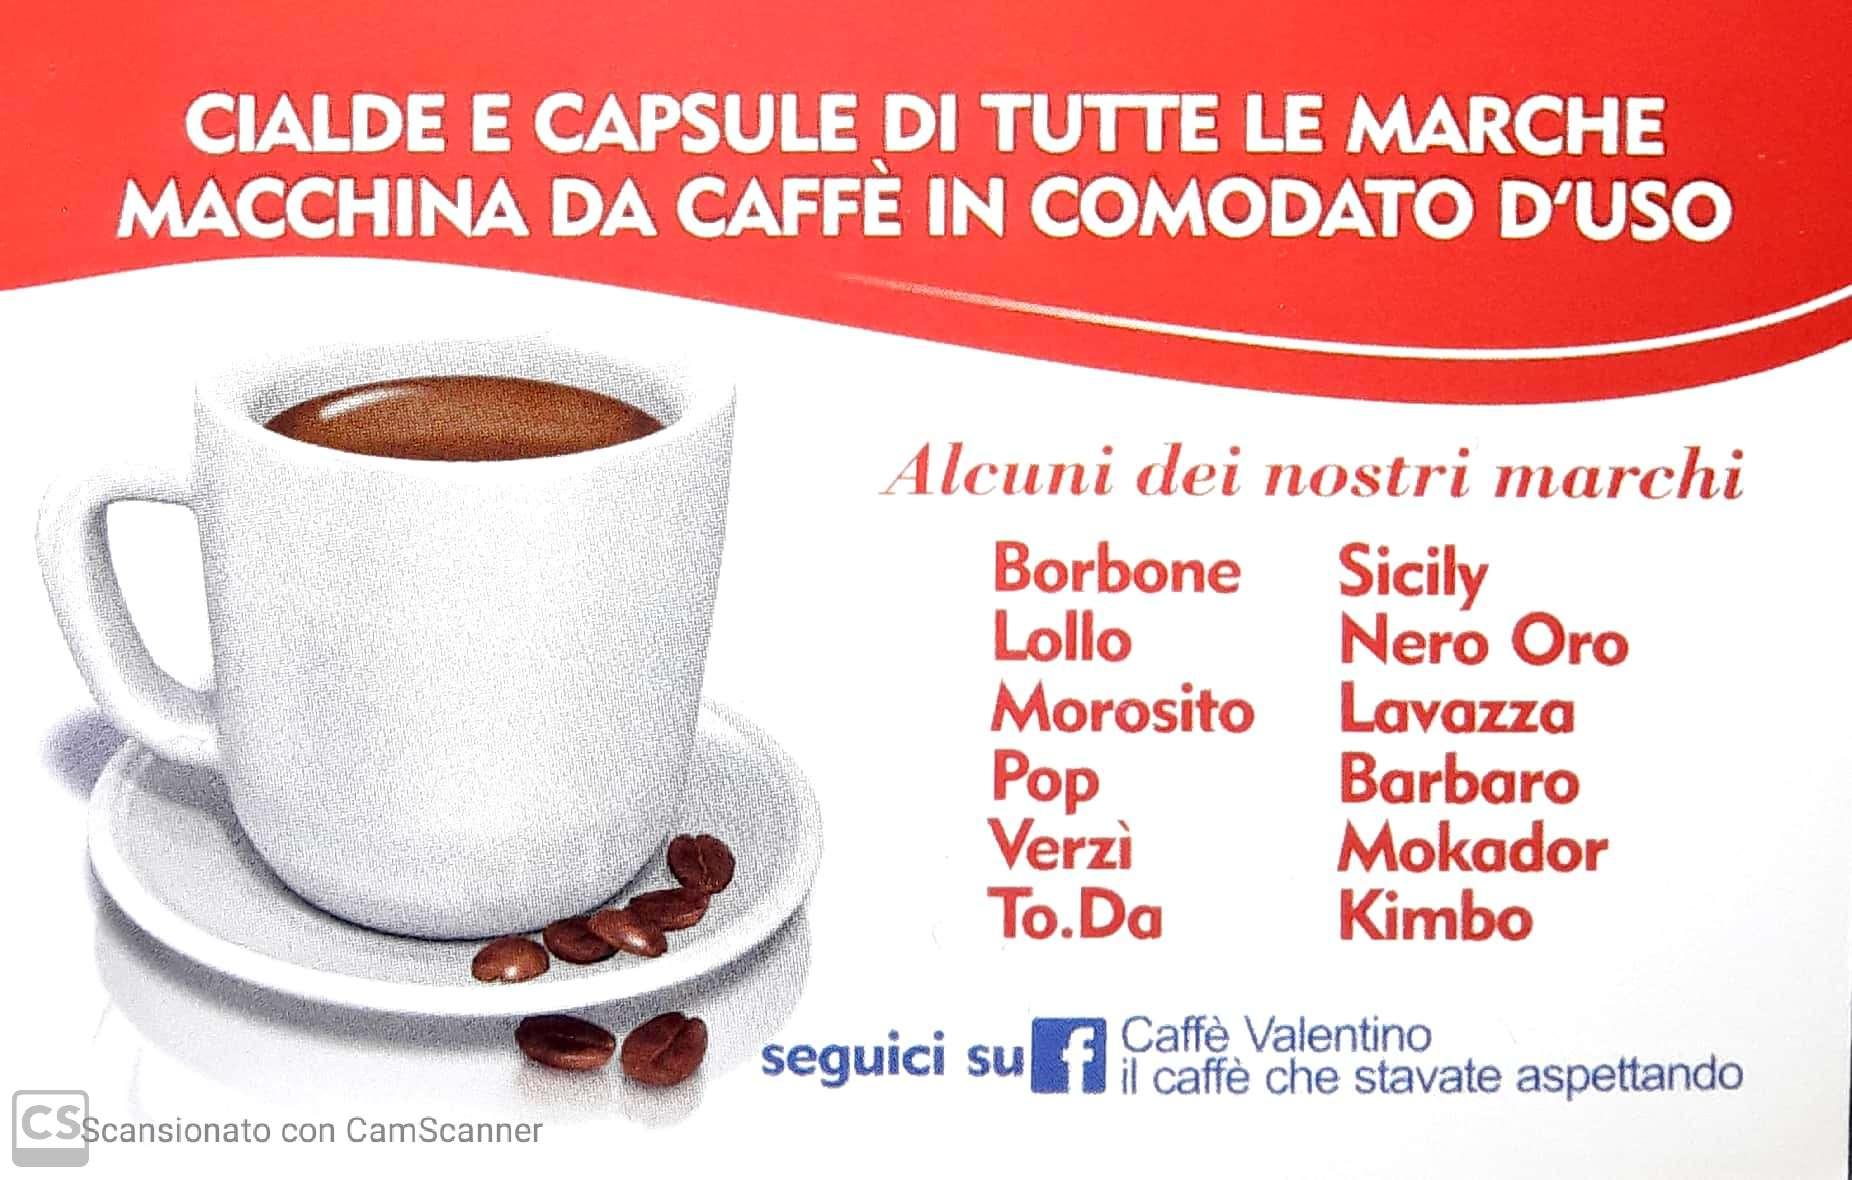 LOGO CAFFE' VALENTINO RETRO